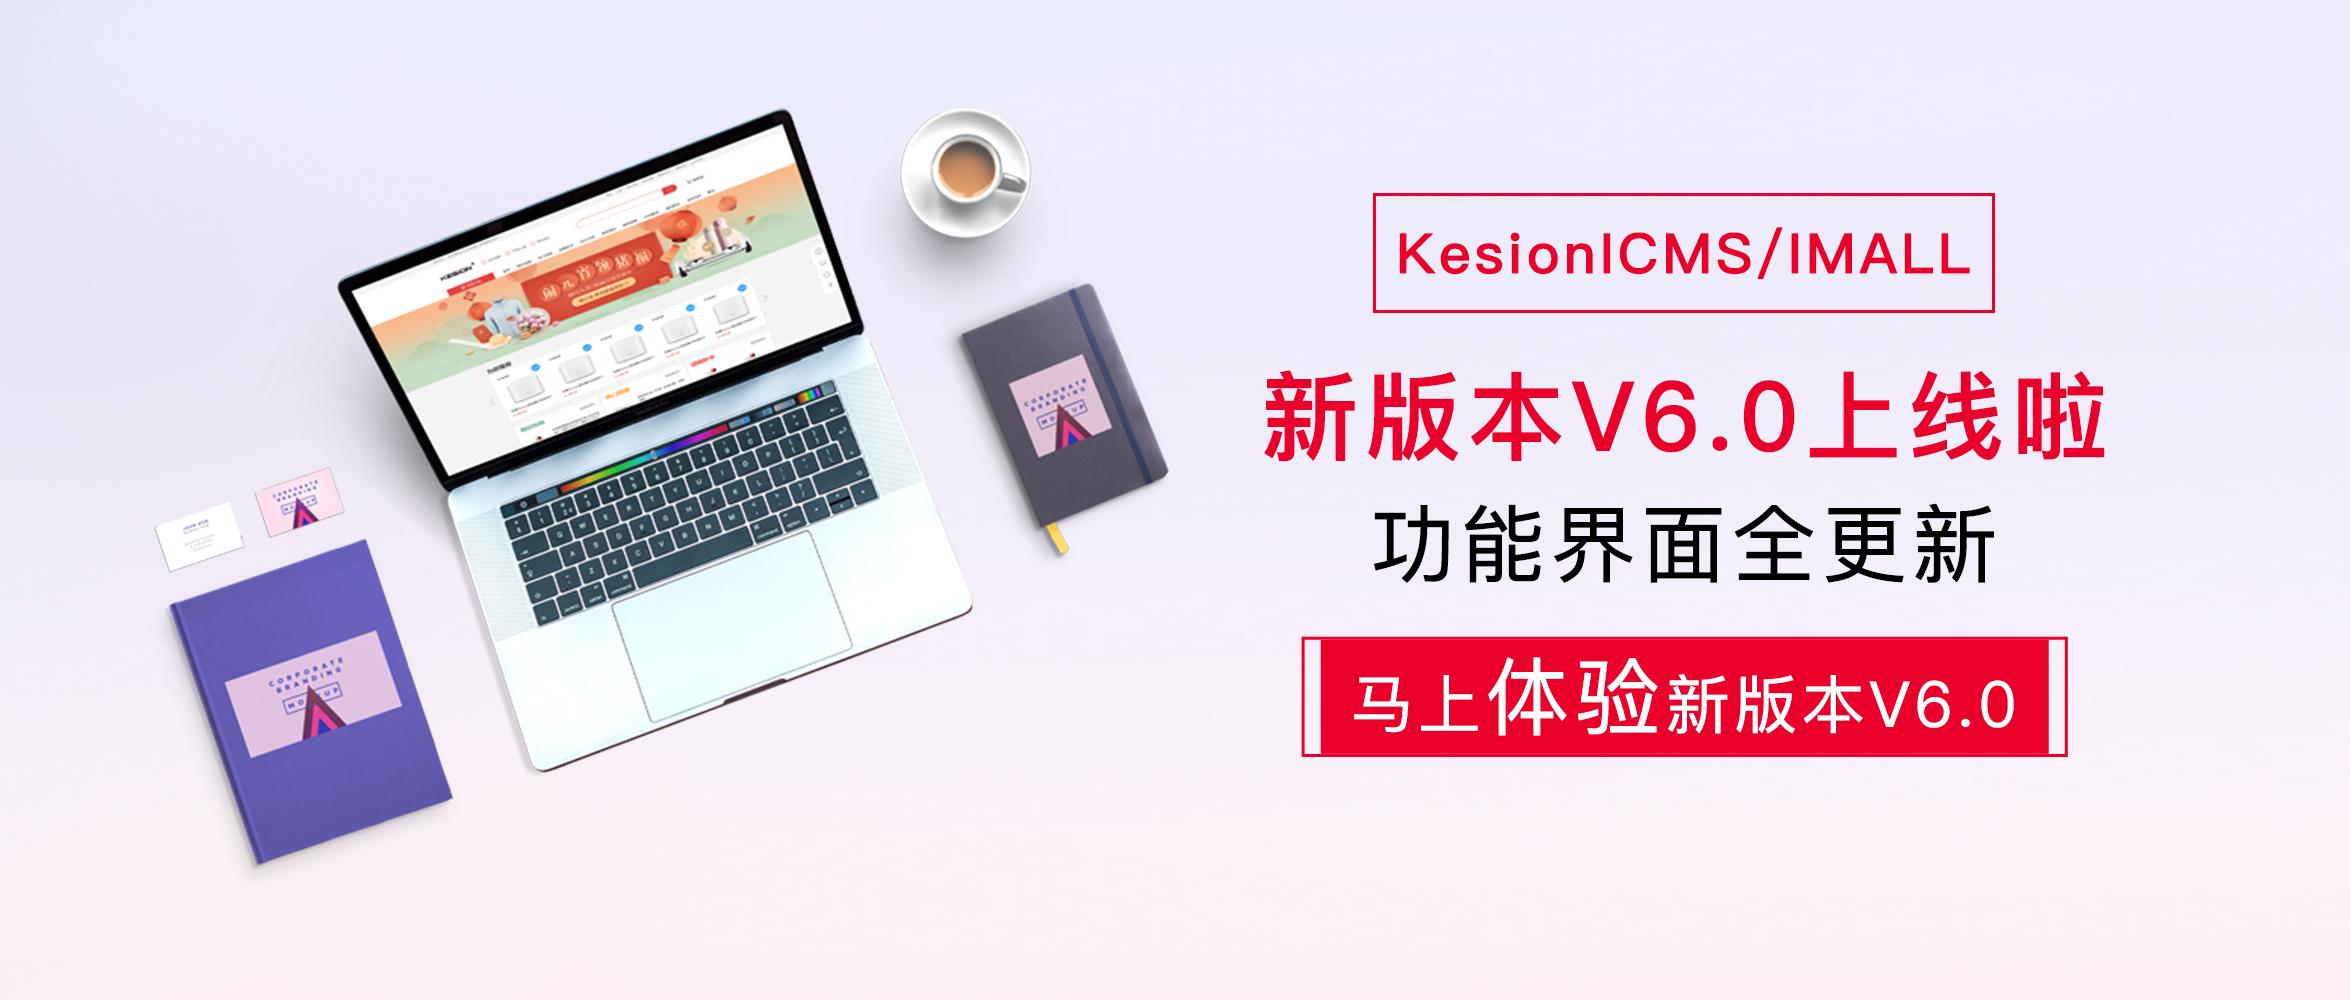 贺KesionICMS/IMALL系列产品V6.0版本发布